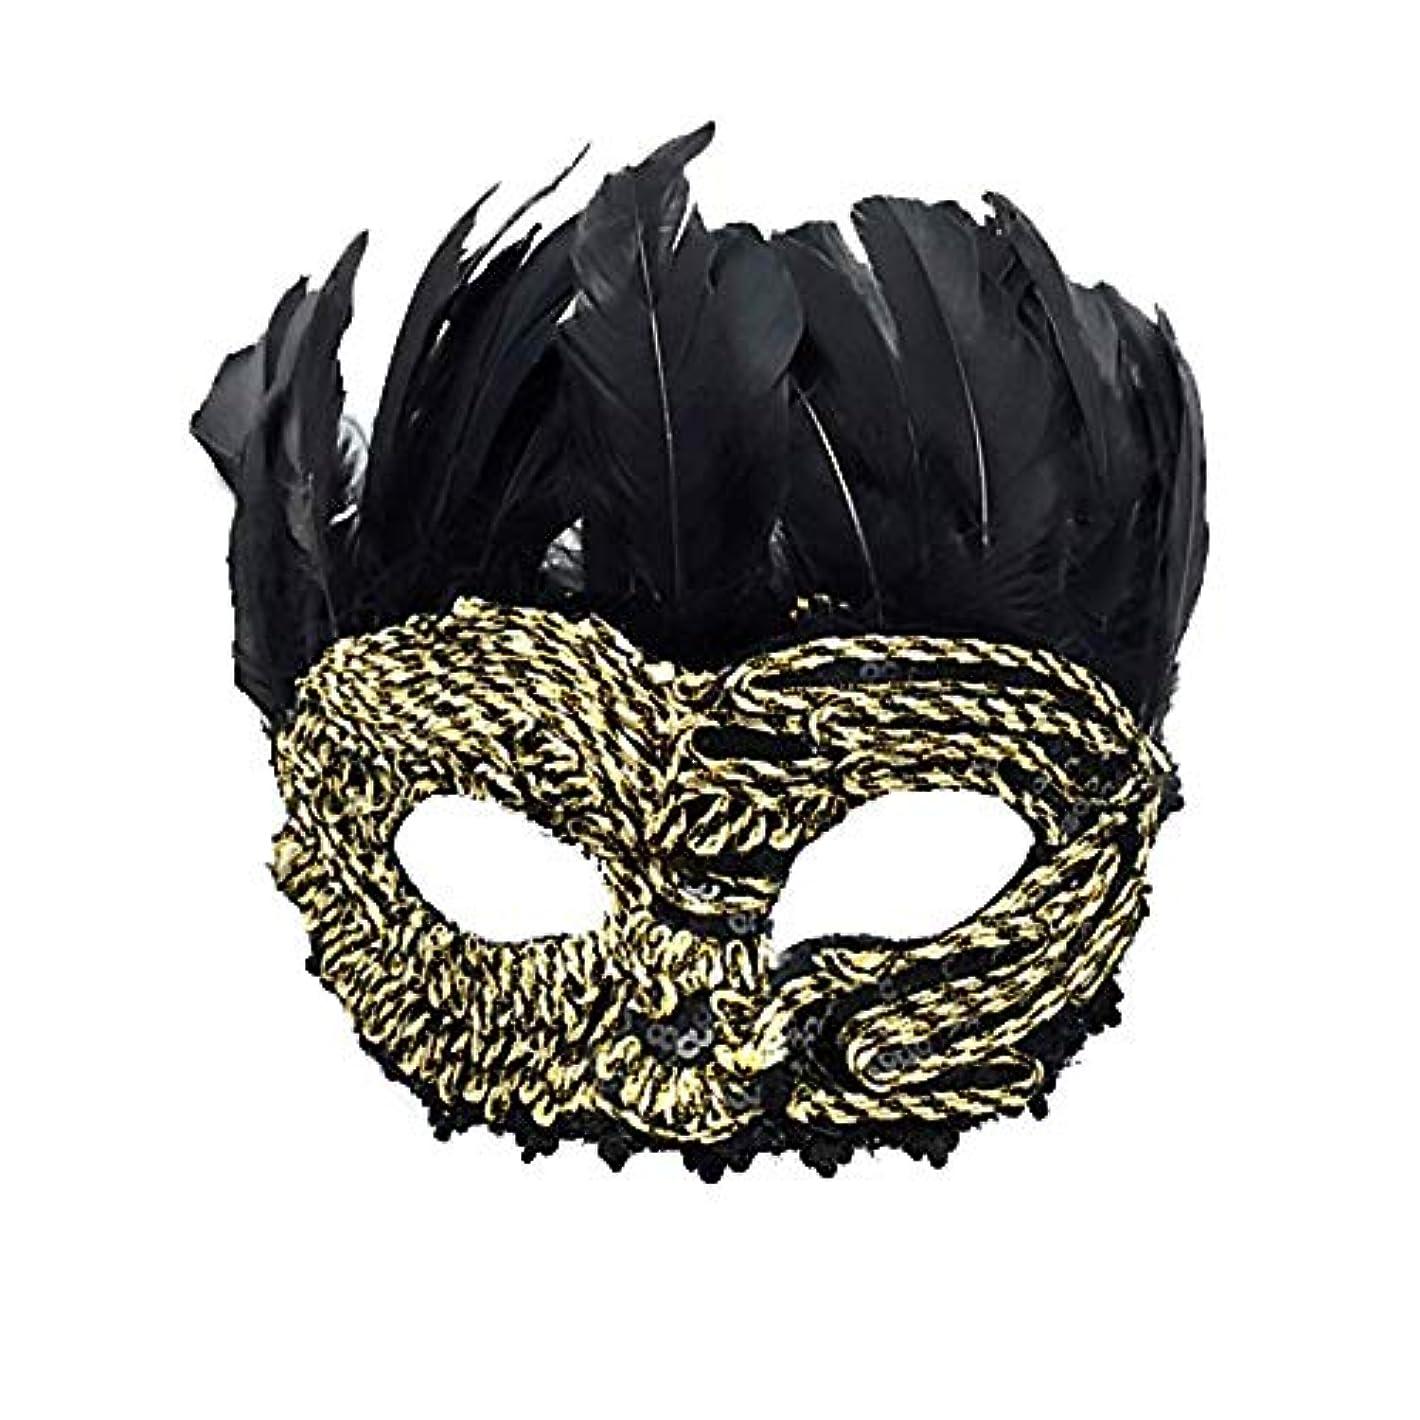 座る一緒不規則なNanle ハロウィーンクリスマスレースフェザースパンコール刺繍マスク仮装マスクレディーメンズミスプリンセス美容祭パーティーデコレーションマスク(カップルモデル) (色 : Style B)